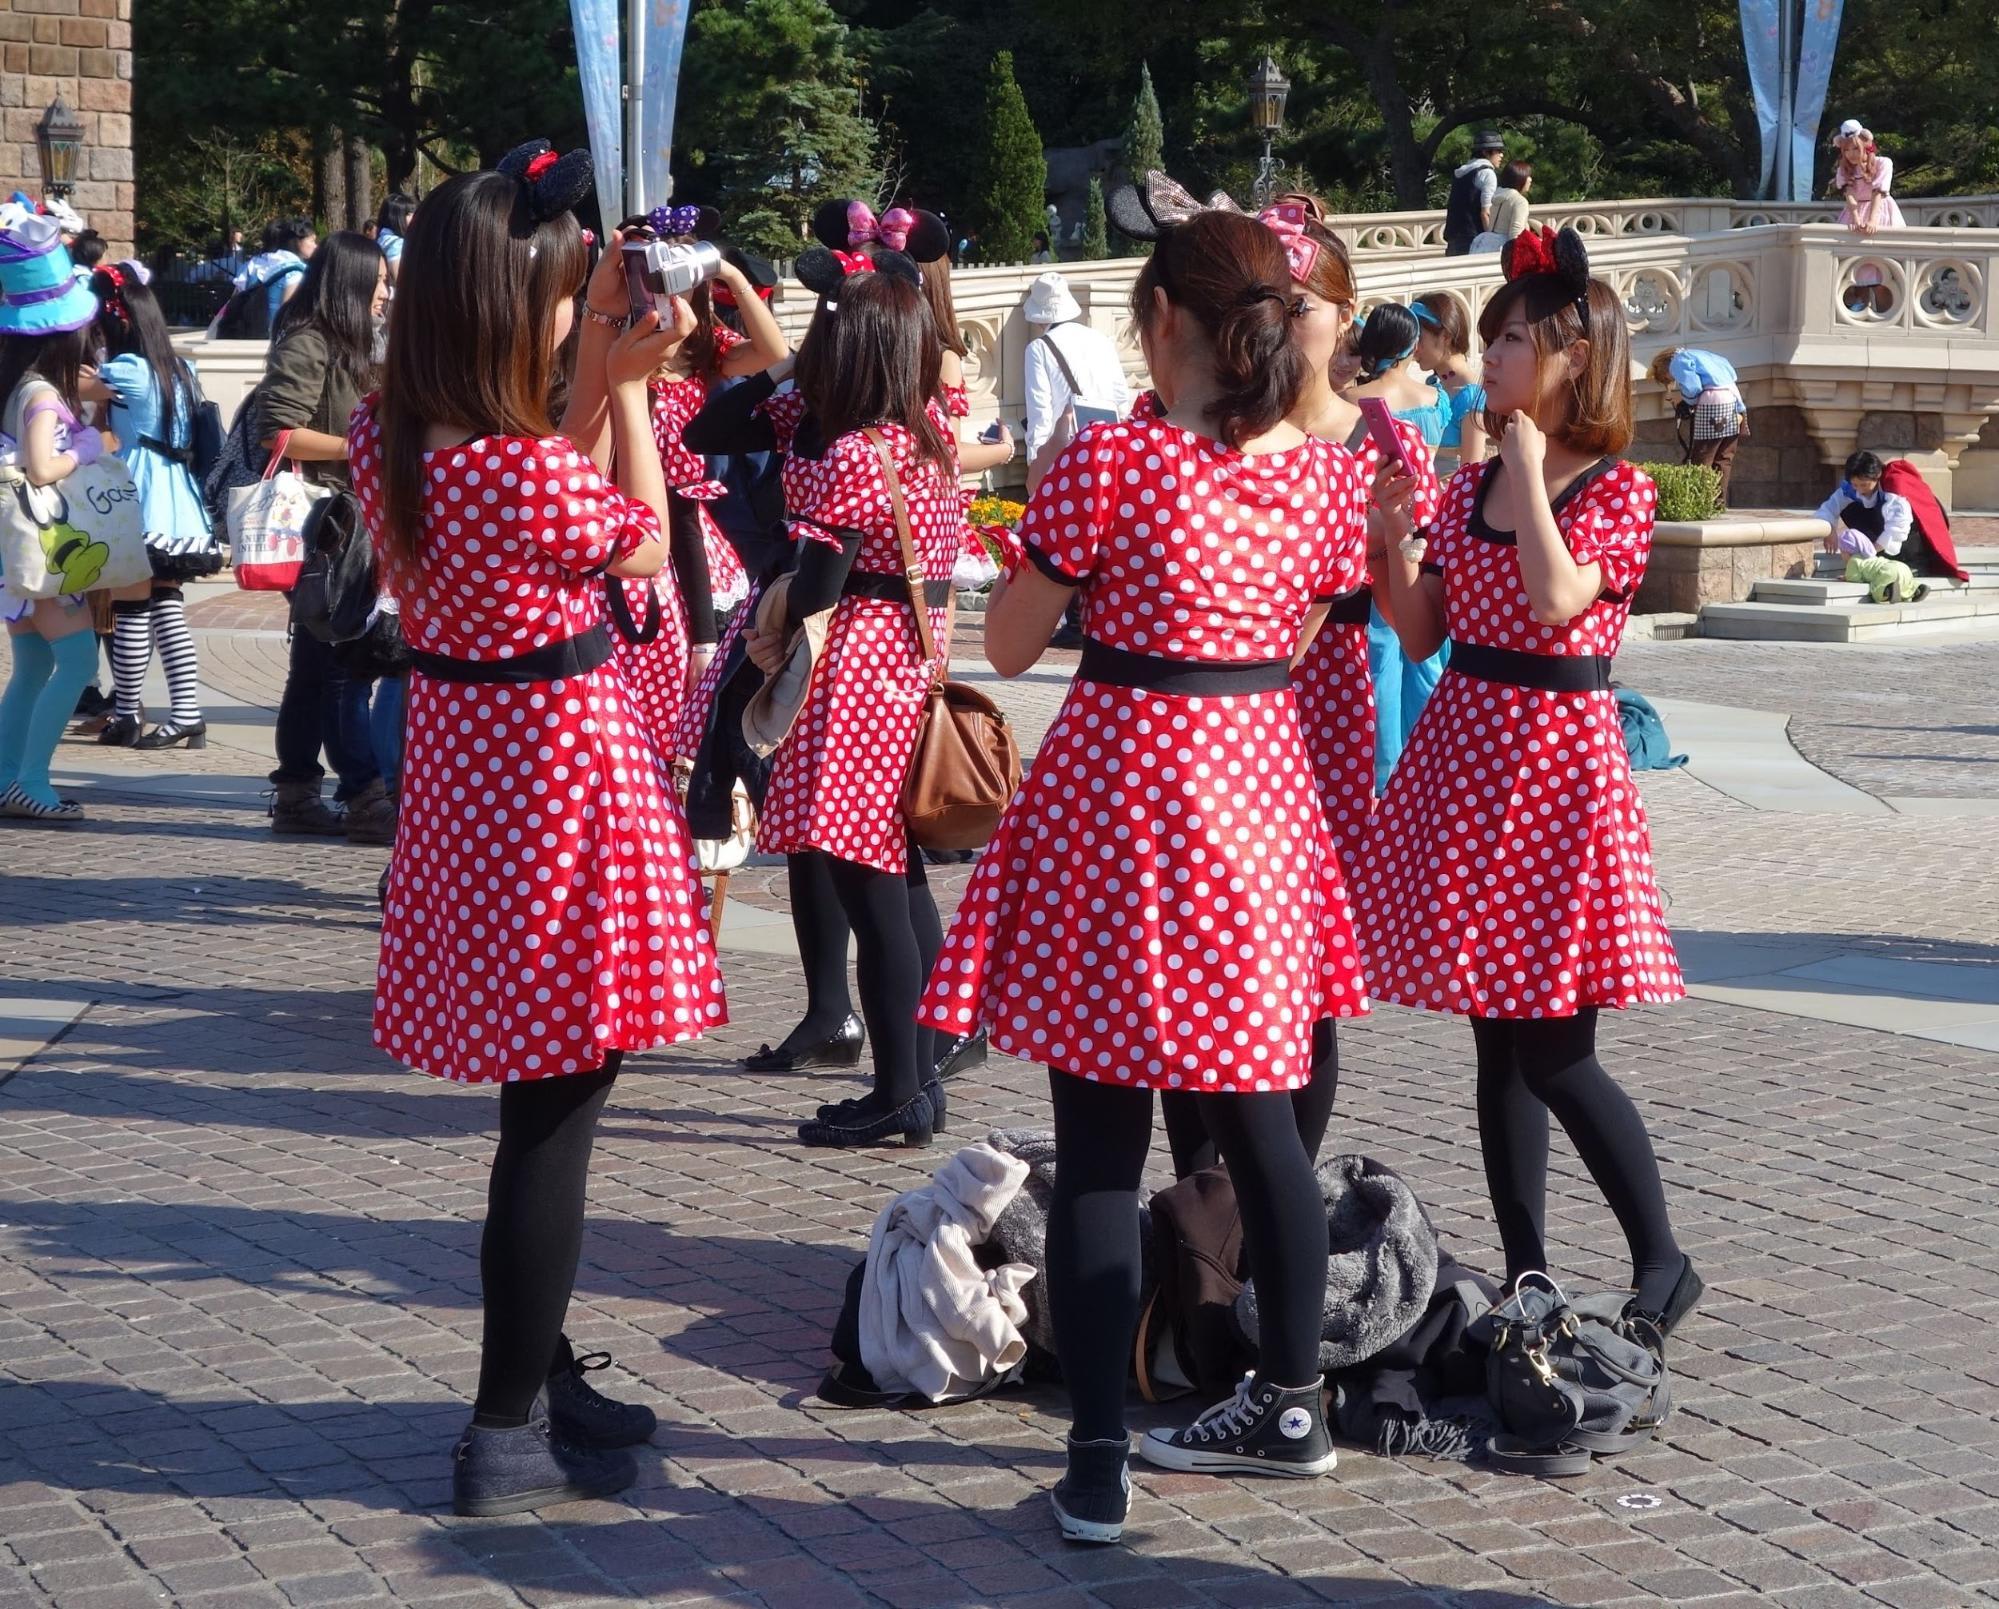 công viên đại dương tokyo disneysea: du khách trong đồng phục